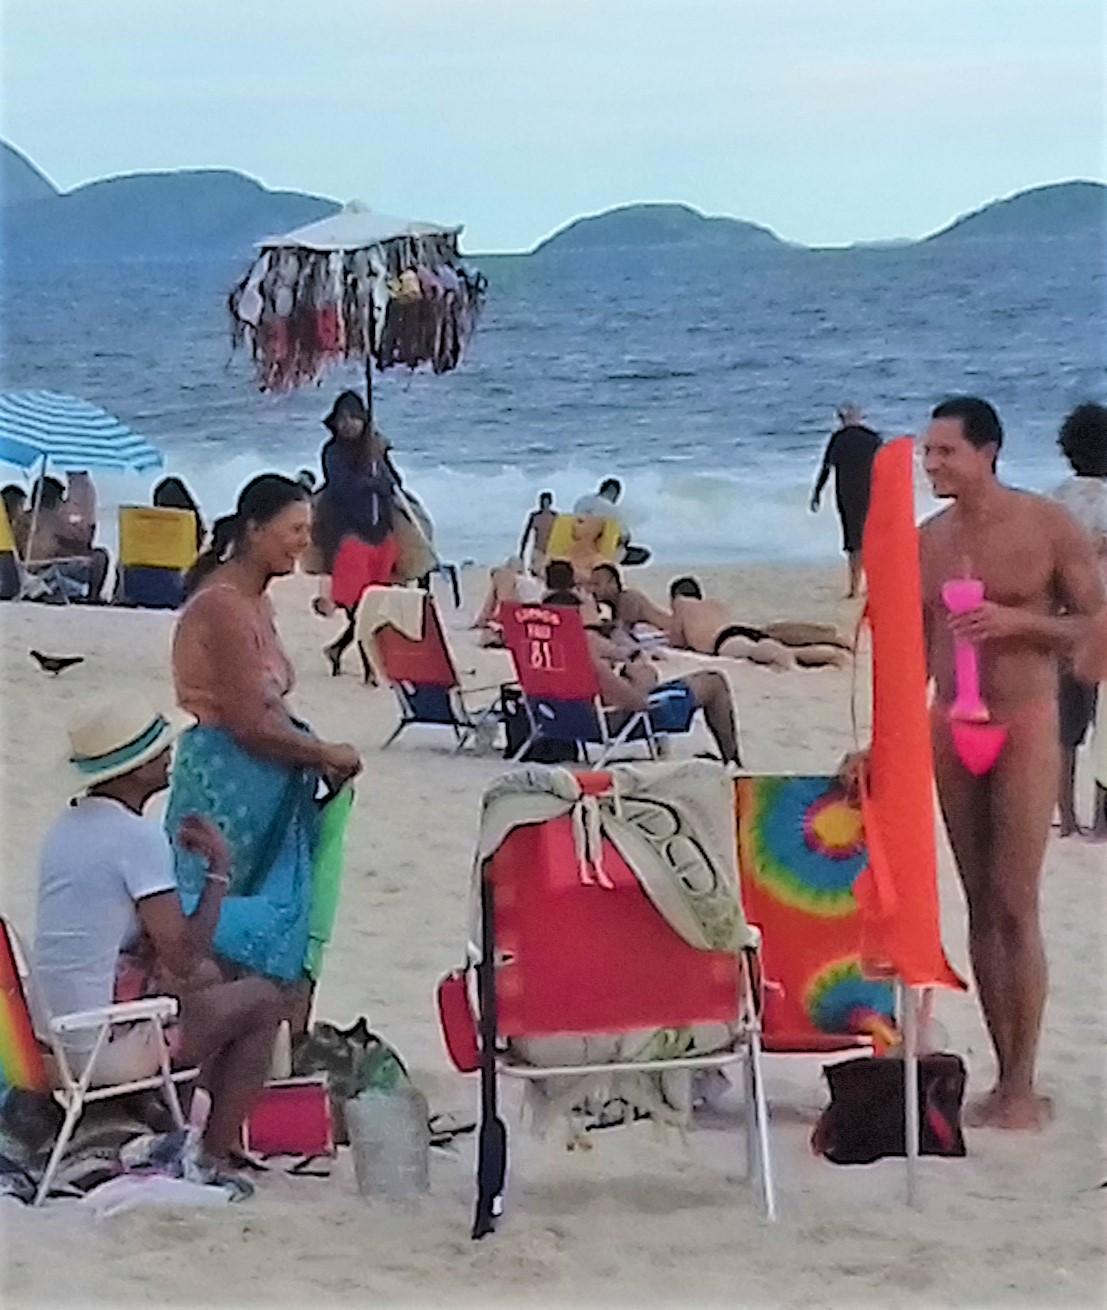 Les botecos (petits bars en plein air) de Copacabana